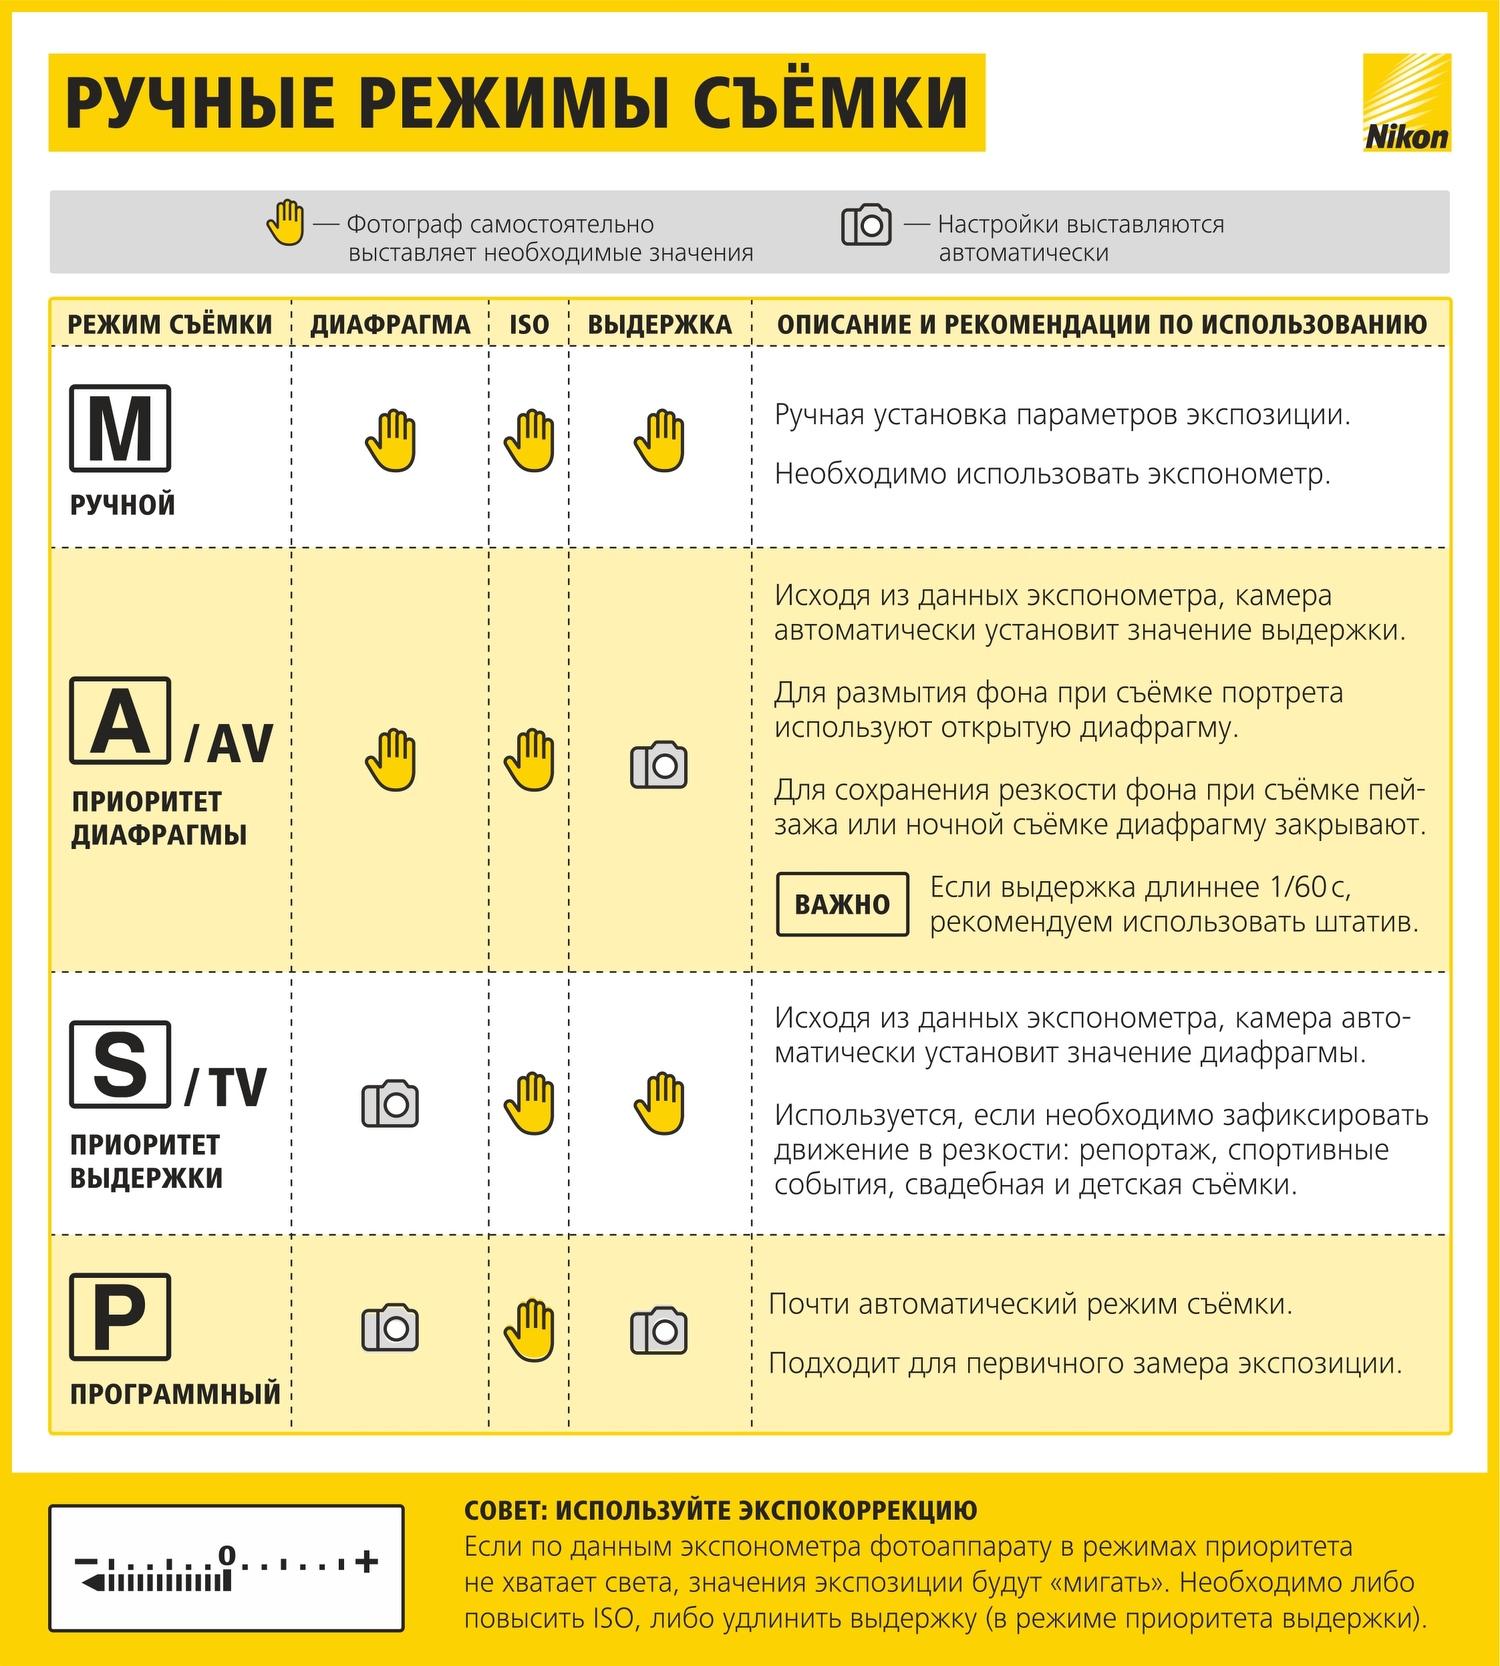 Как научиться фотографировать: пошаговая инструкция от Nikon Info_nikon_01